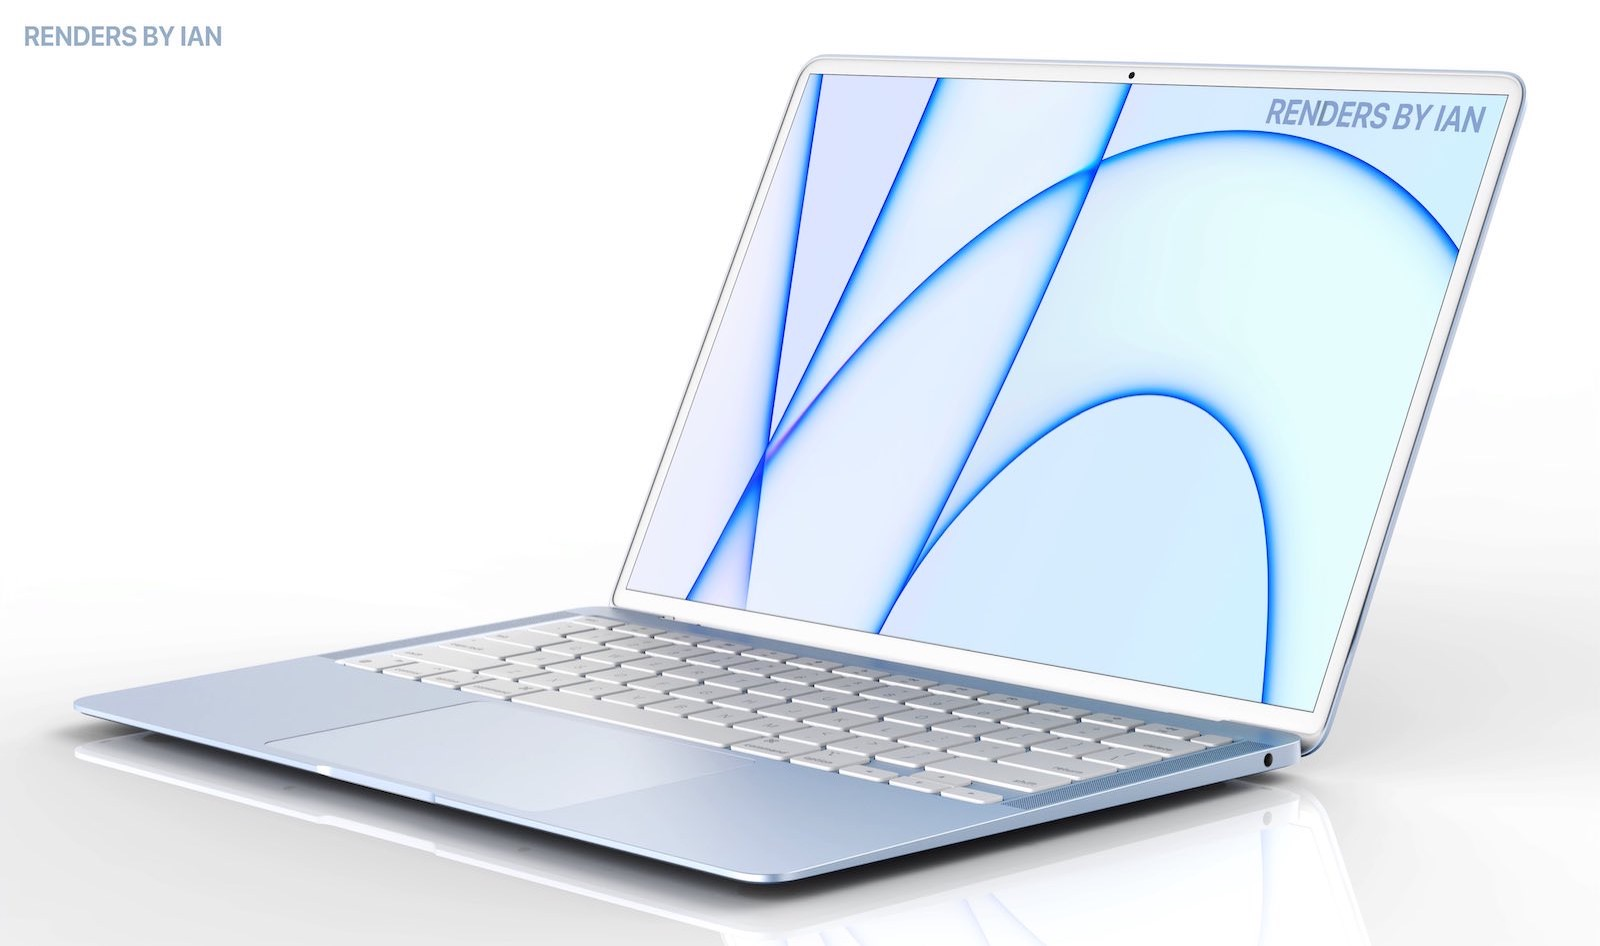 MacBook Air Renderings